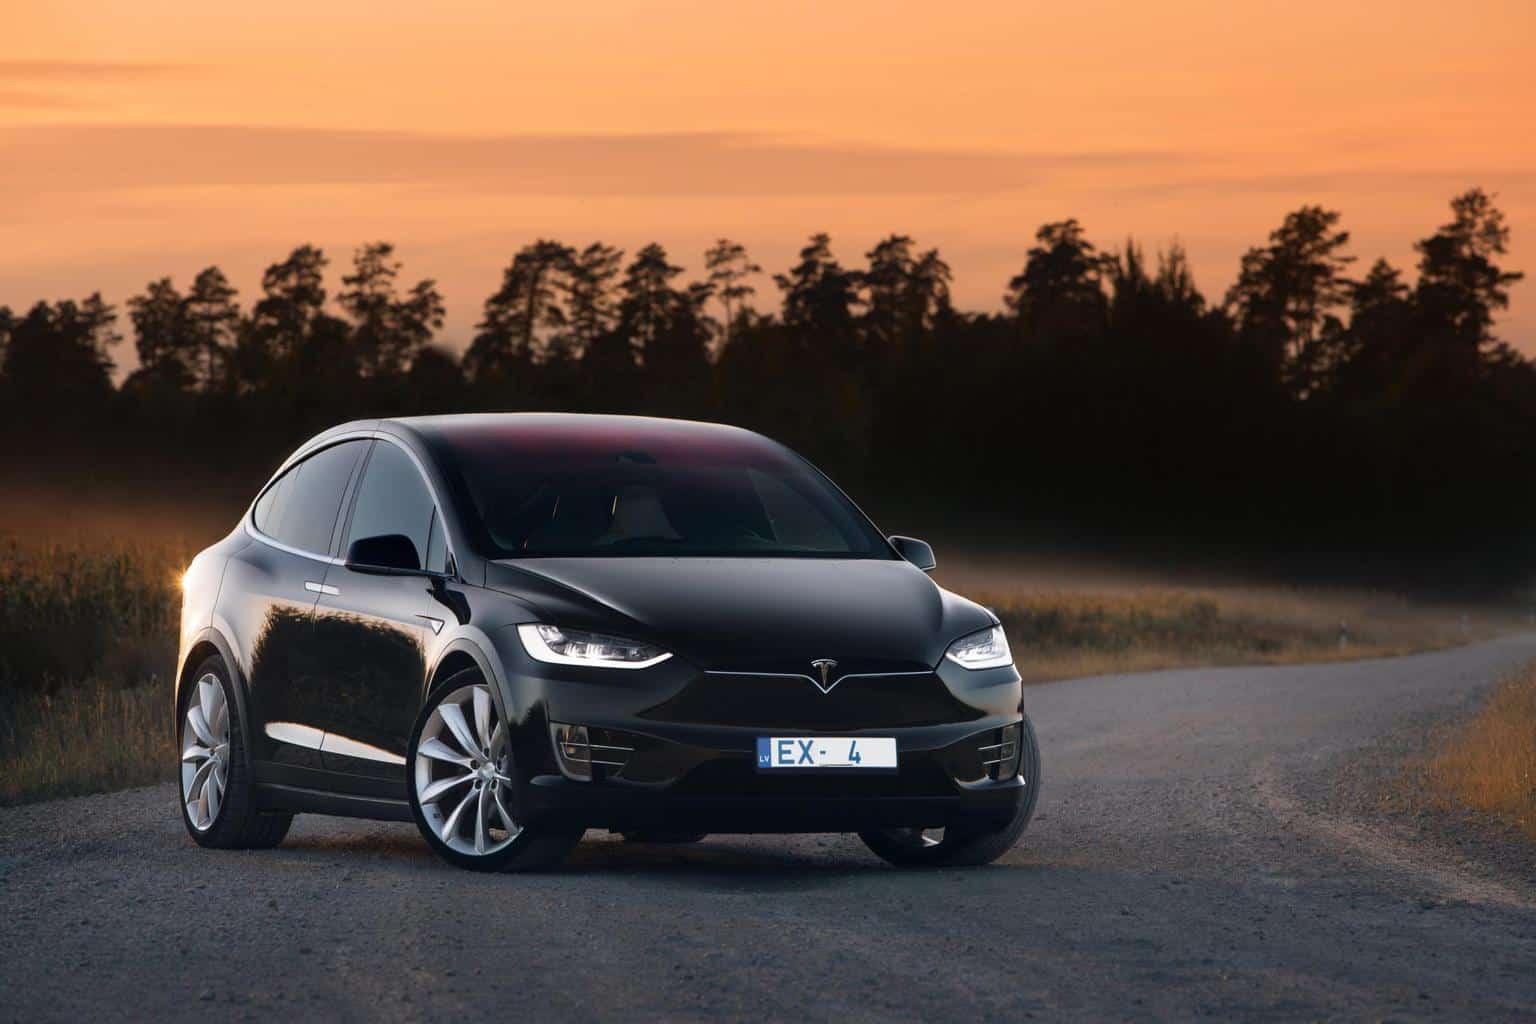 Tesla offen für Zusammenarbeit im Bereich Software, Antriebsstränge und Batterien